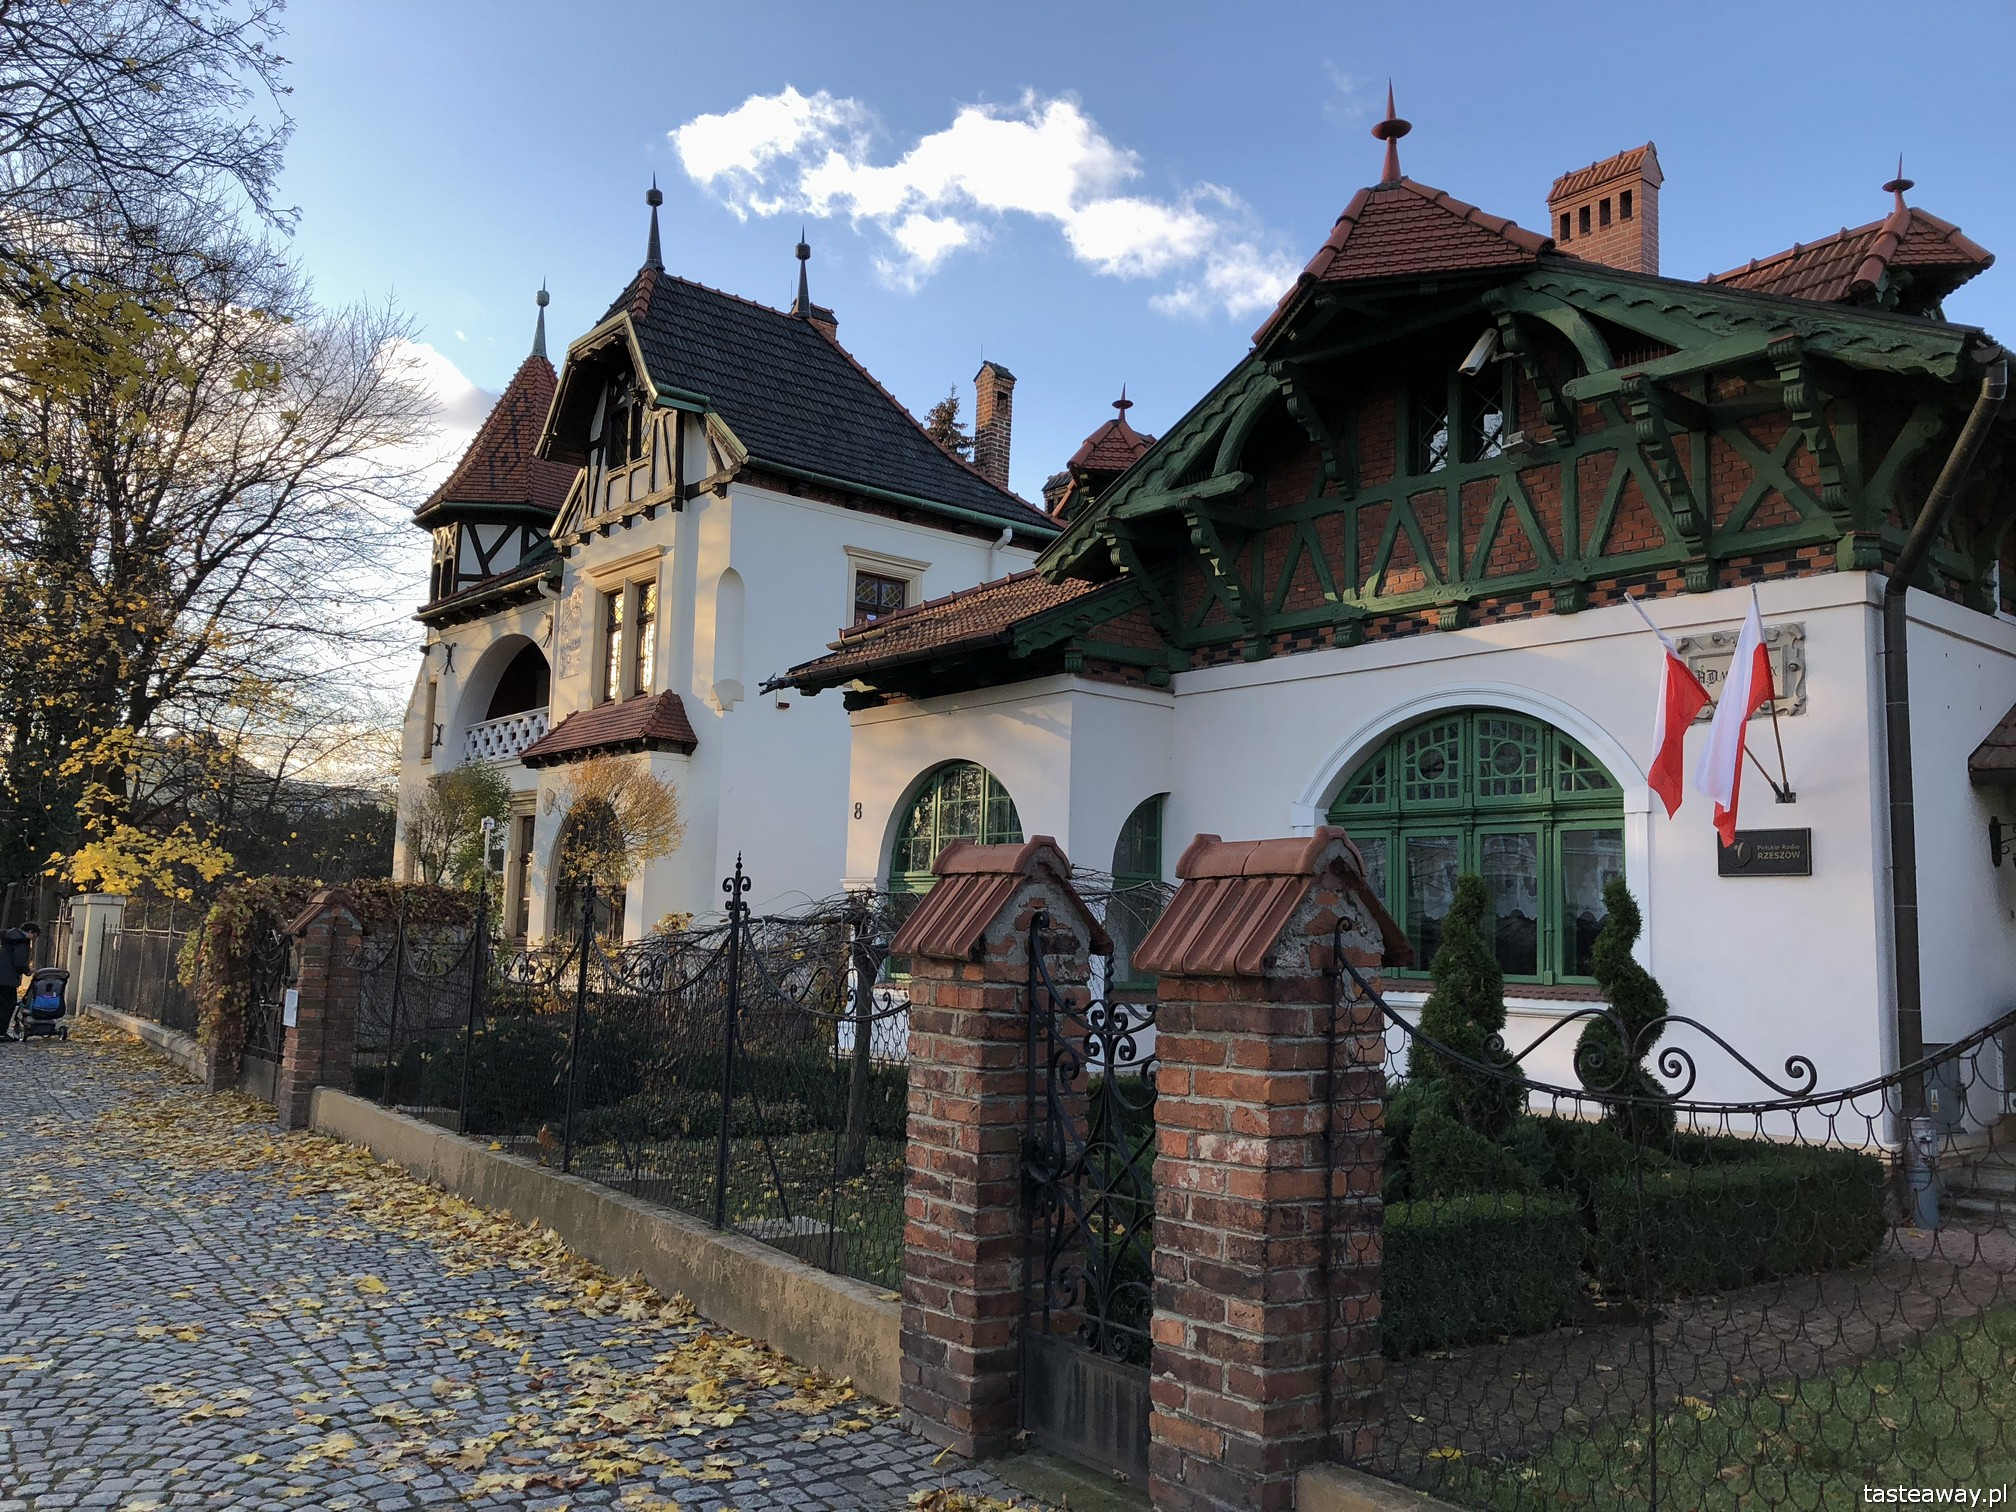 Rzeszów, co zobaczyć w Rzeszowie, Podkarpackie, rynek w Rzeszowie, podróżowanie z dziećmi, Zamek w Rzeszowie, Aleja pod Kasztanami